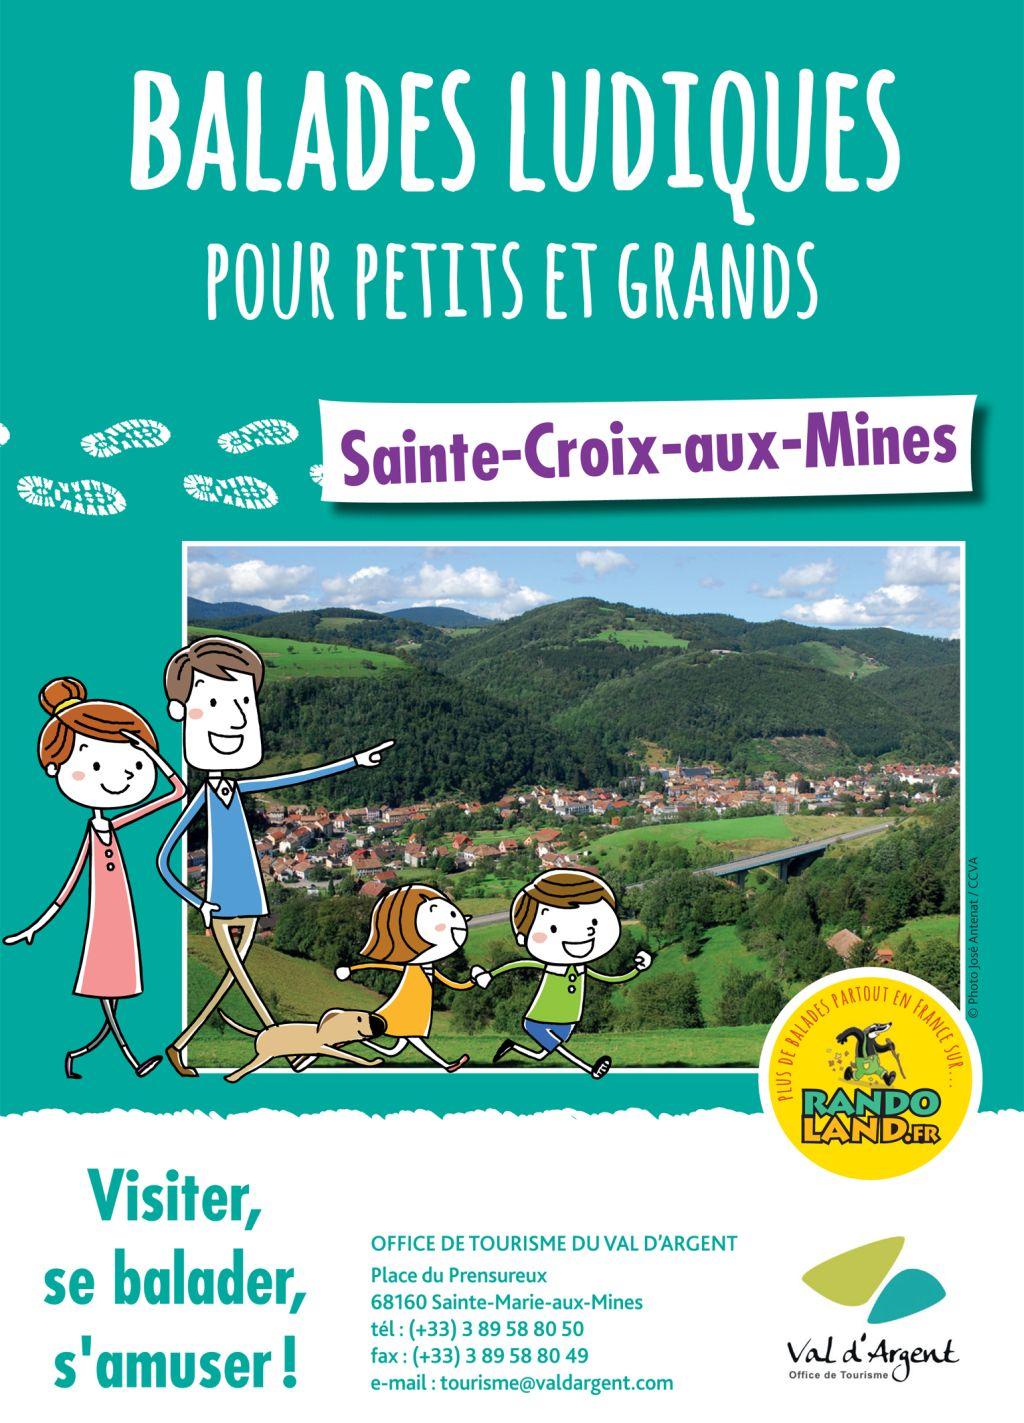 Balade ludique à Sainte-Croix-aux-Mines